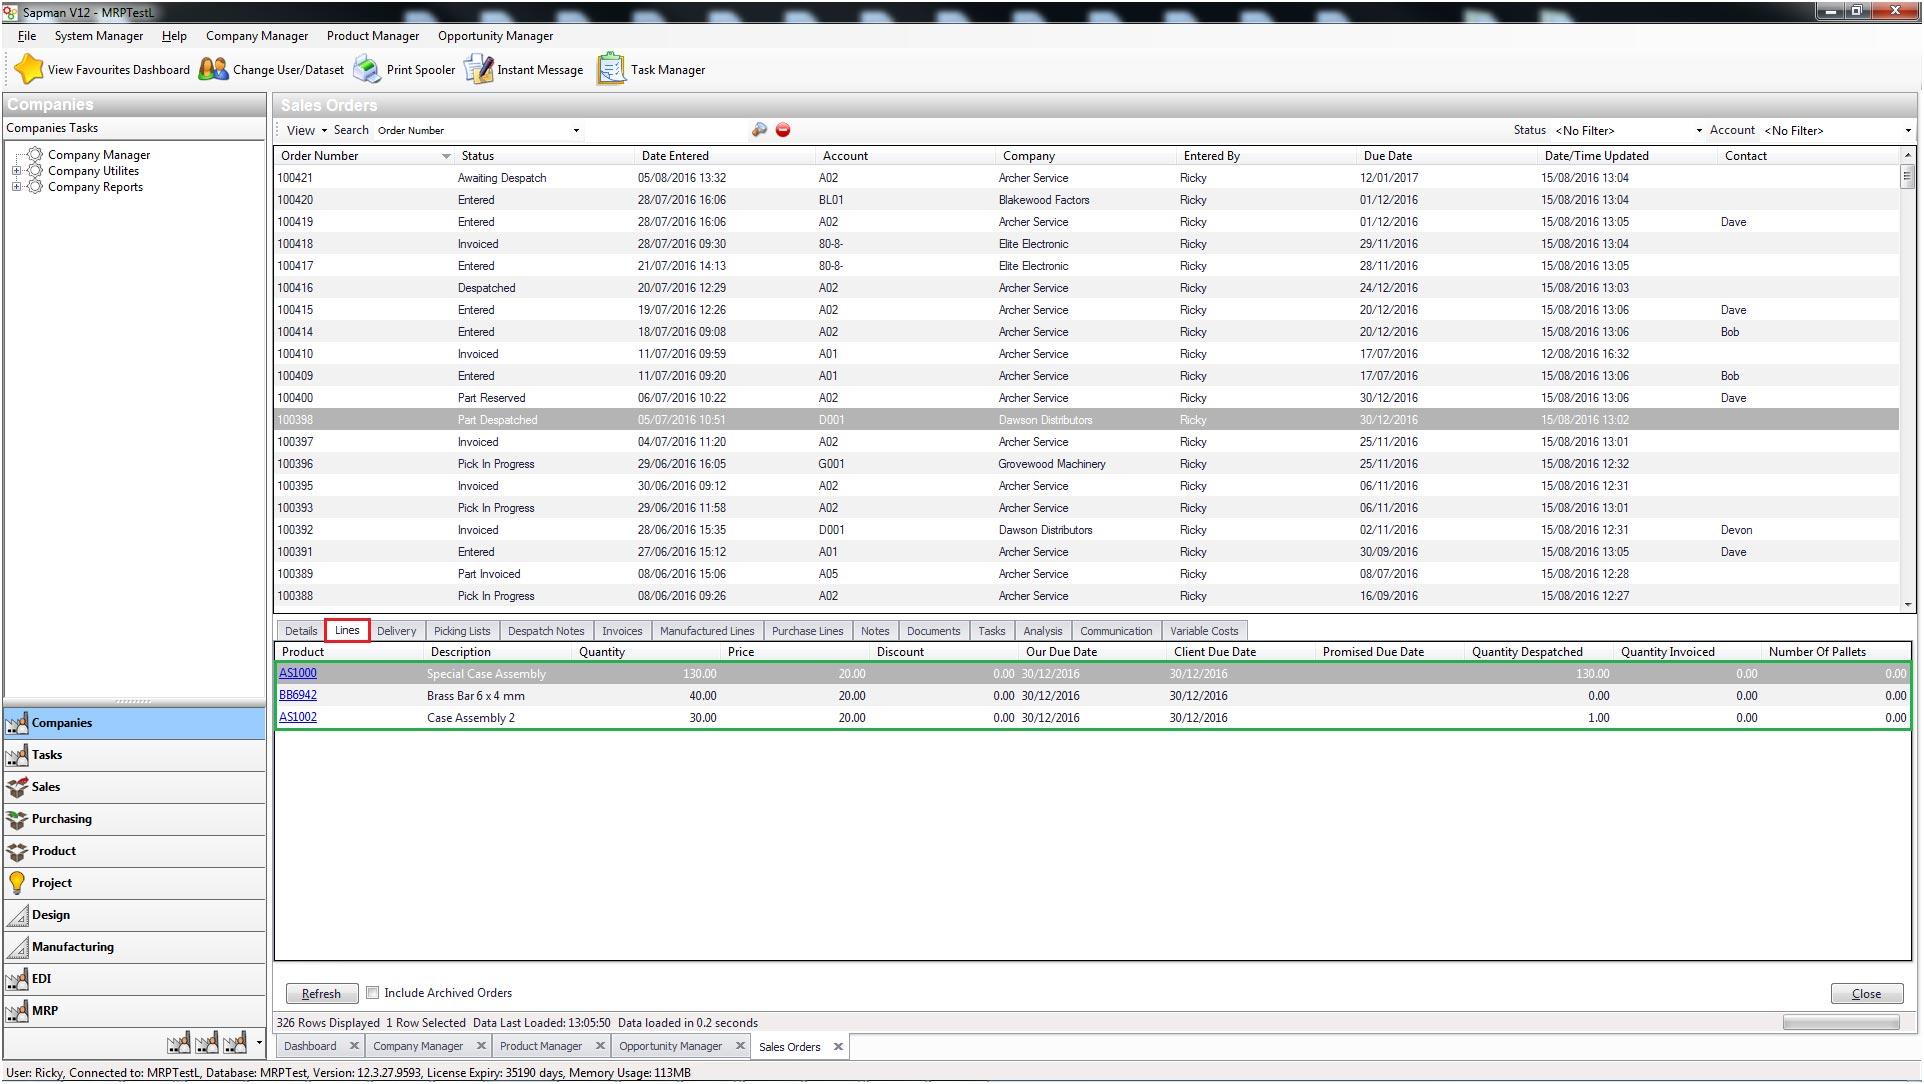 Sapman v12 Sales Order Manager screen